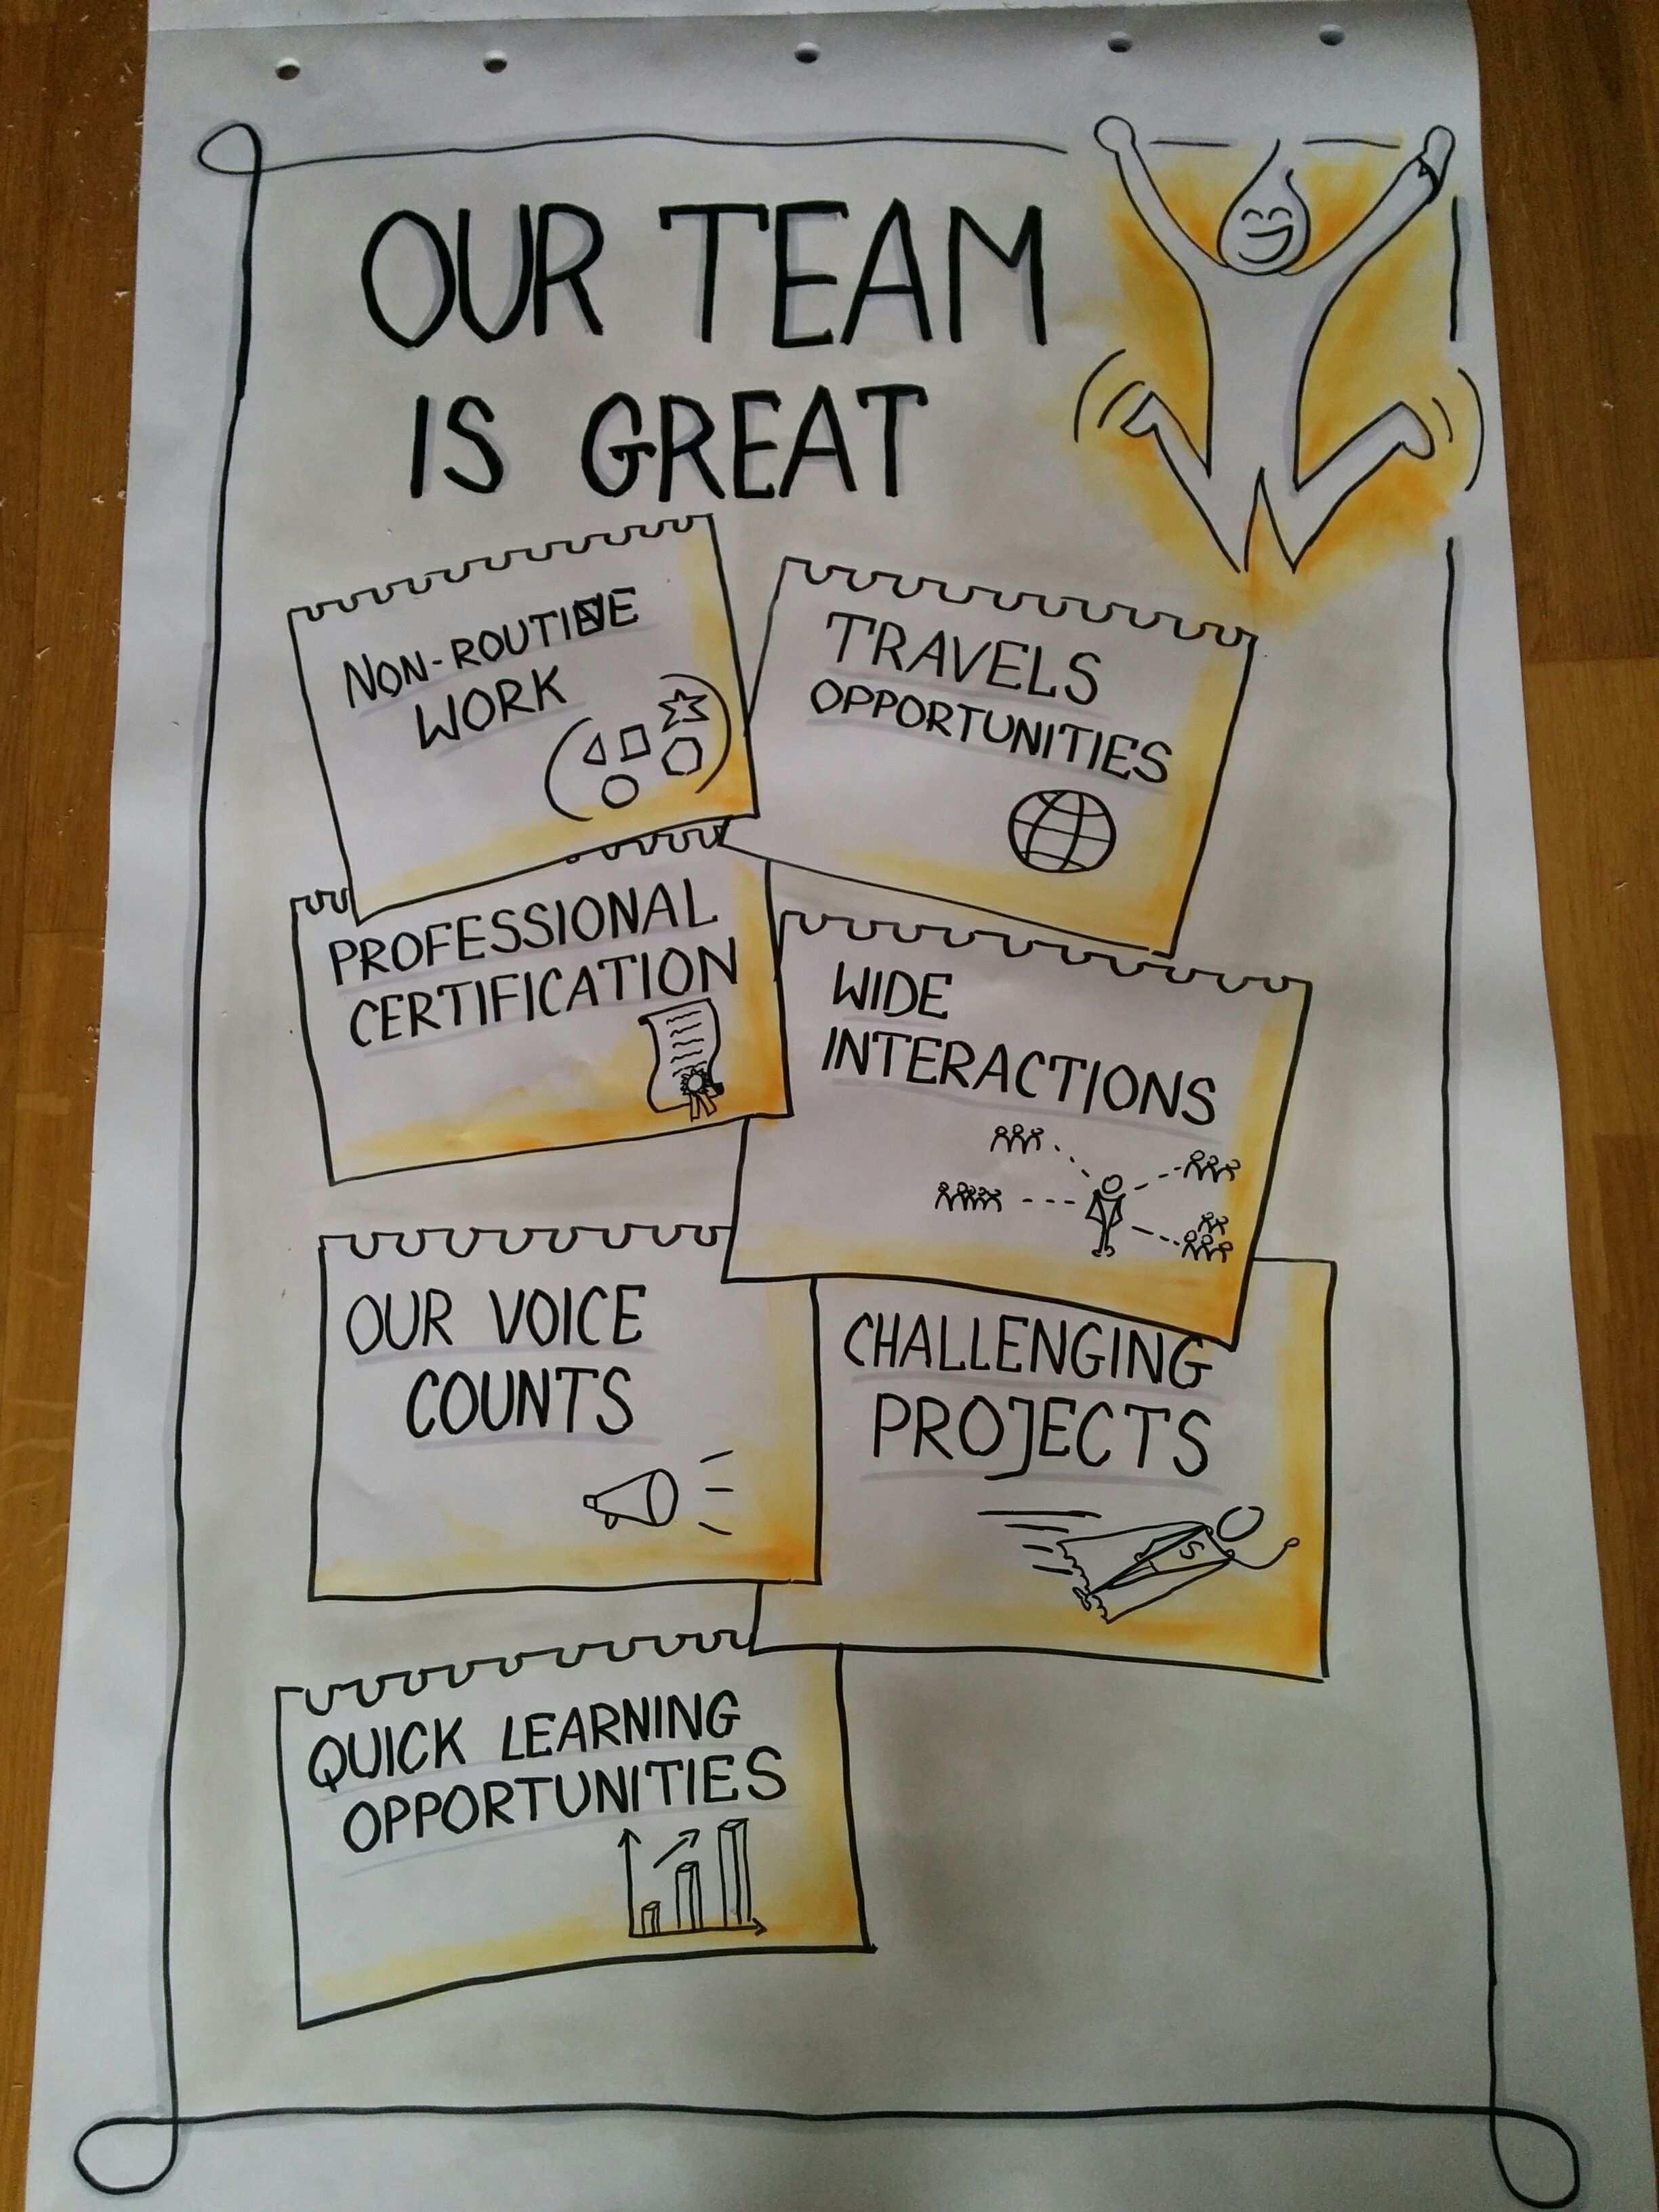 Plakat Uzyty Podczas Dni Otwartych Www Skutecznerysowanie Pl Flipcharty Flipowanie Sketchnoting Myslenie W Flipchart Gestalten Flipchart Plakat Gestalten